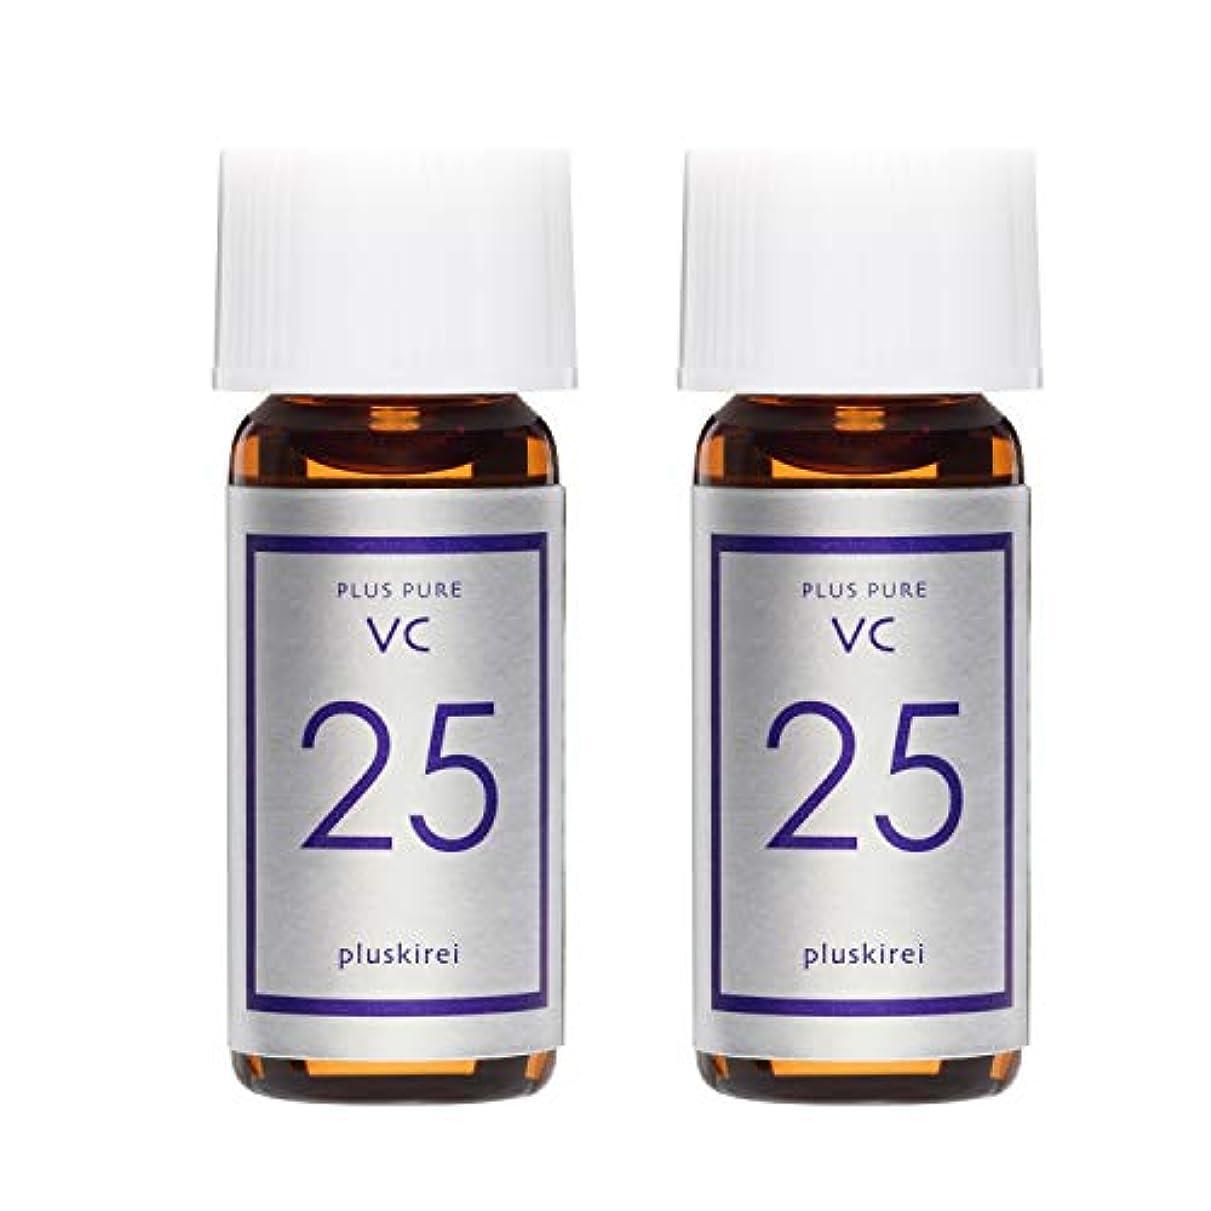 習慣効能あるペパーミントプラスピュアVC25ミニ2本